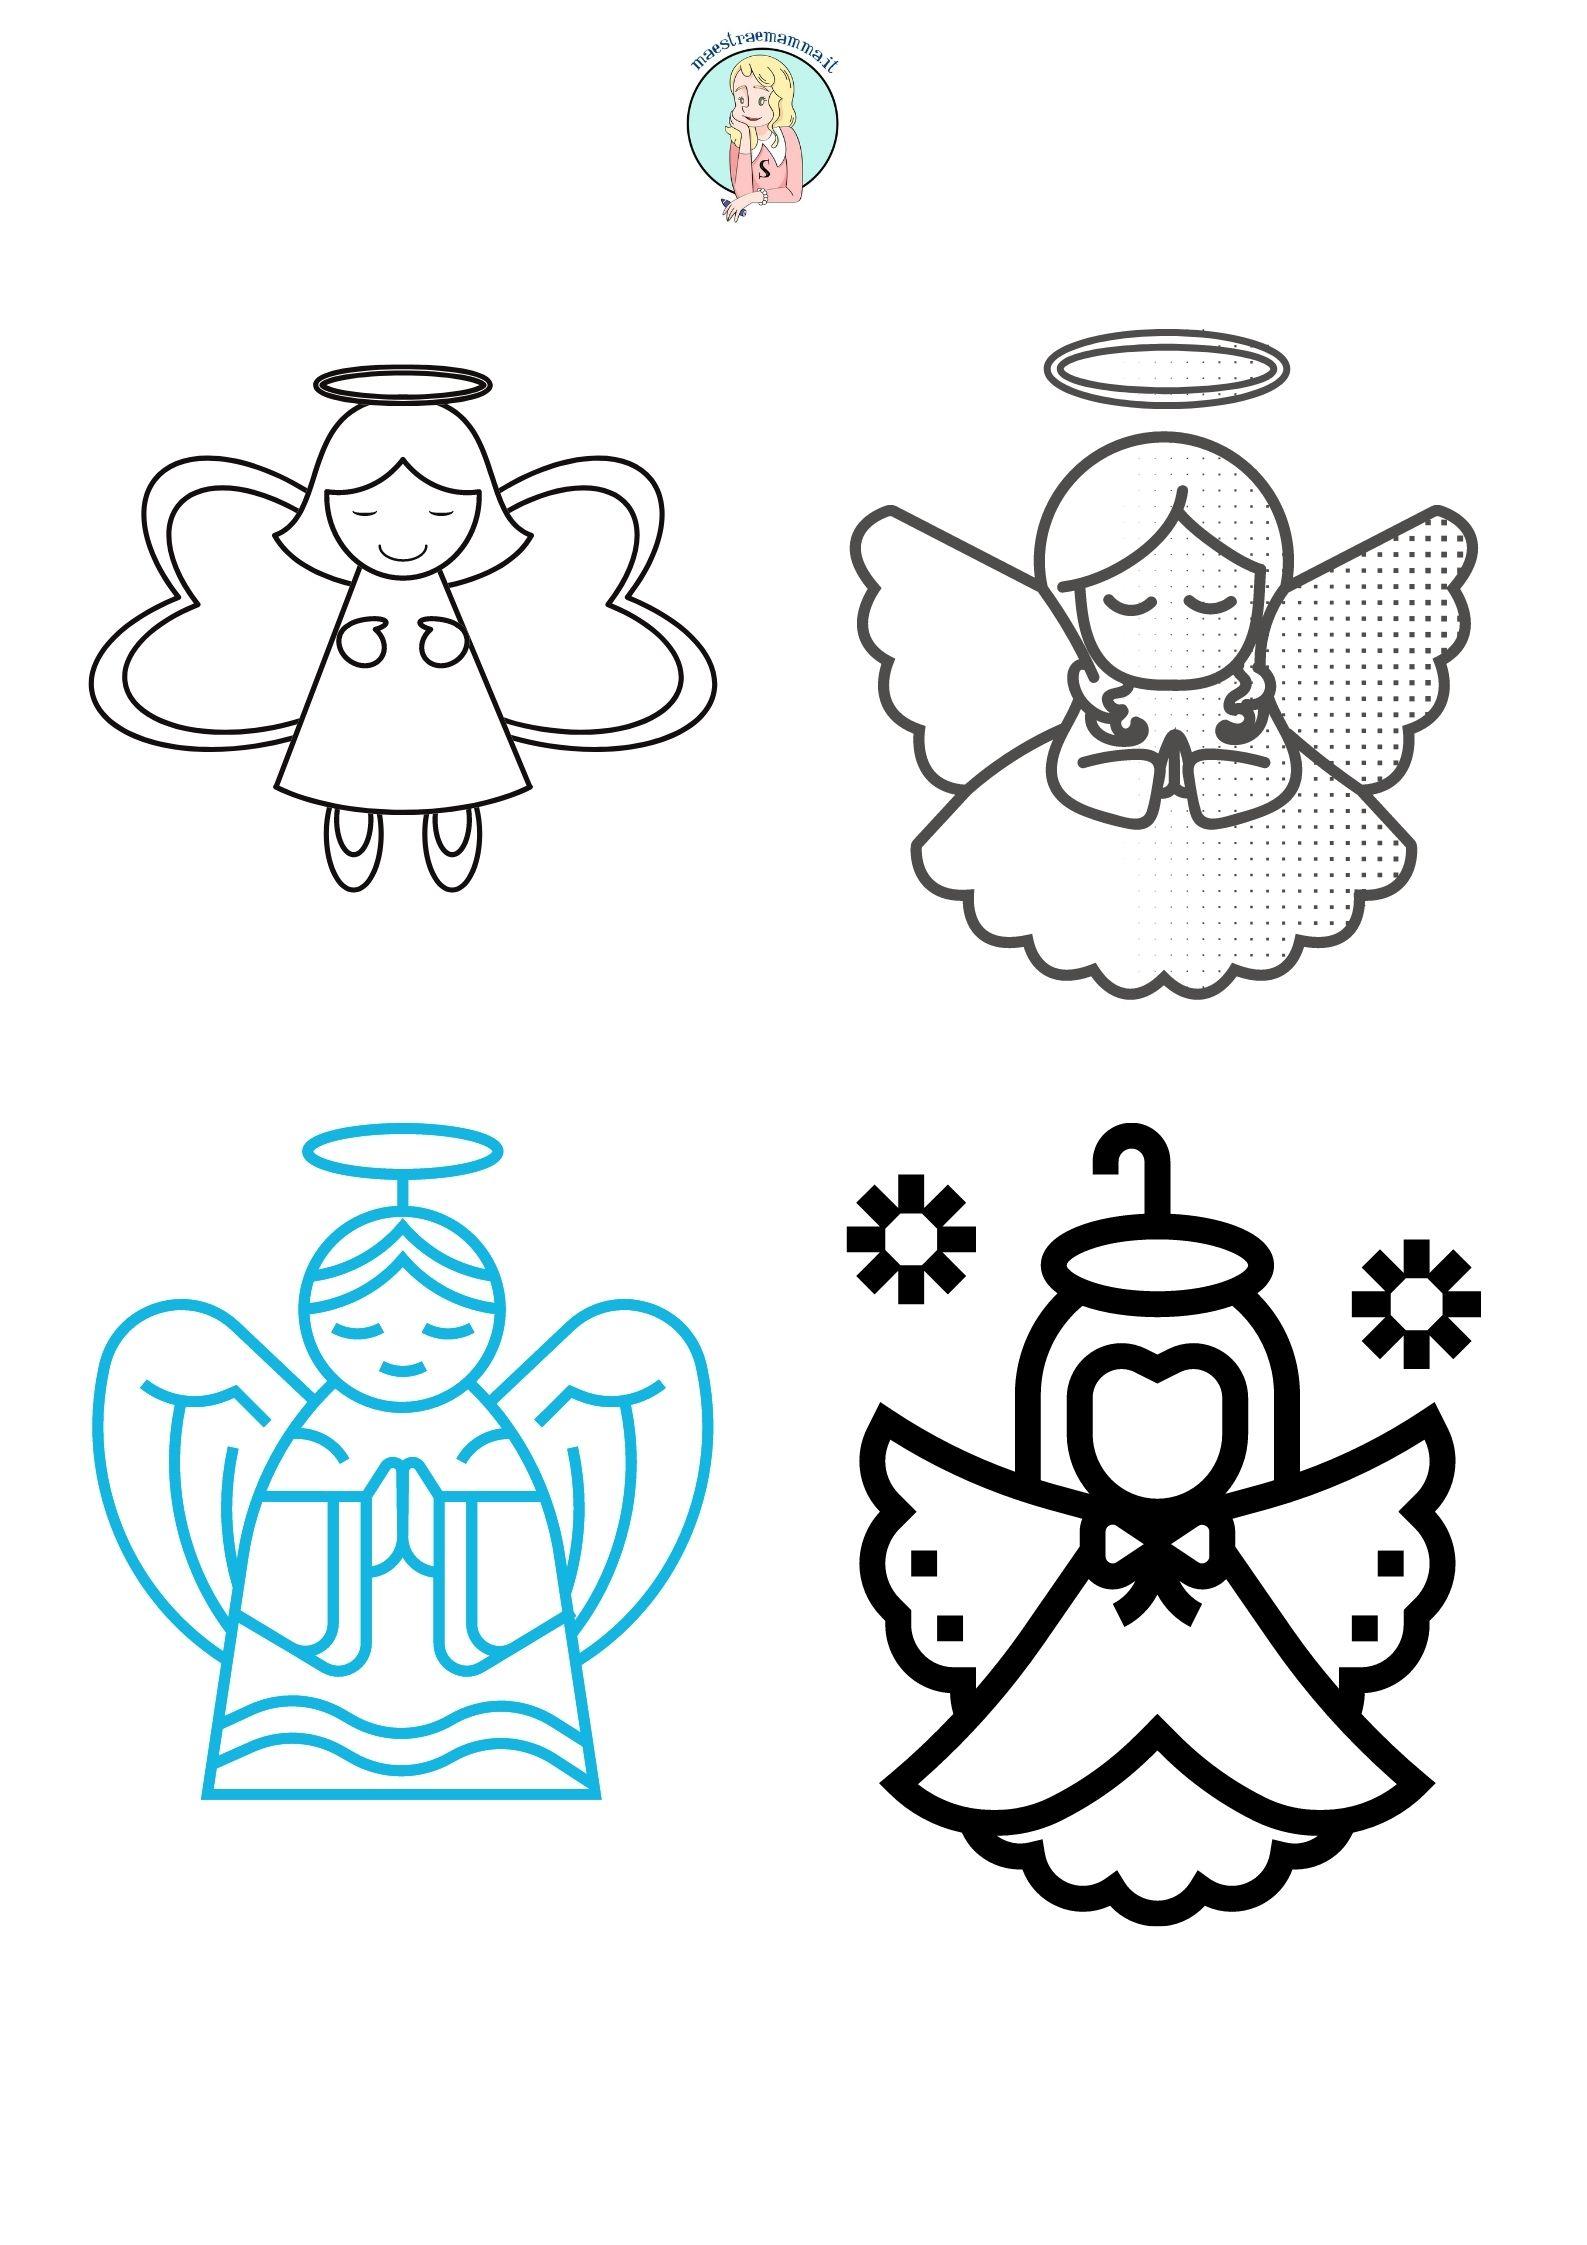 ANGELI DI NATALE DA COLORARE